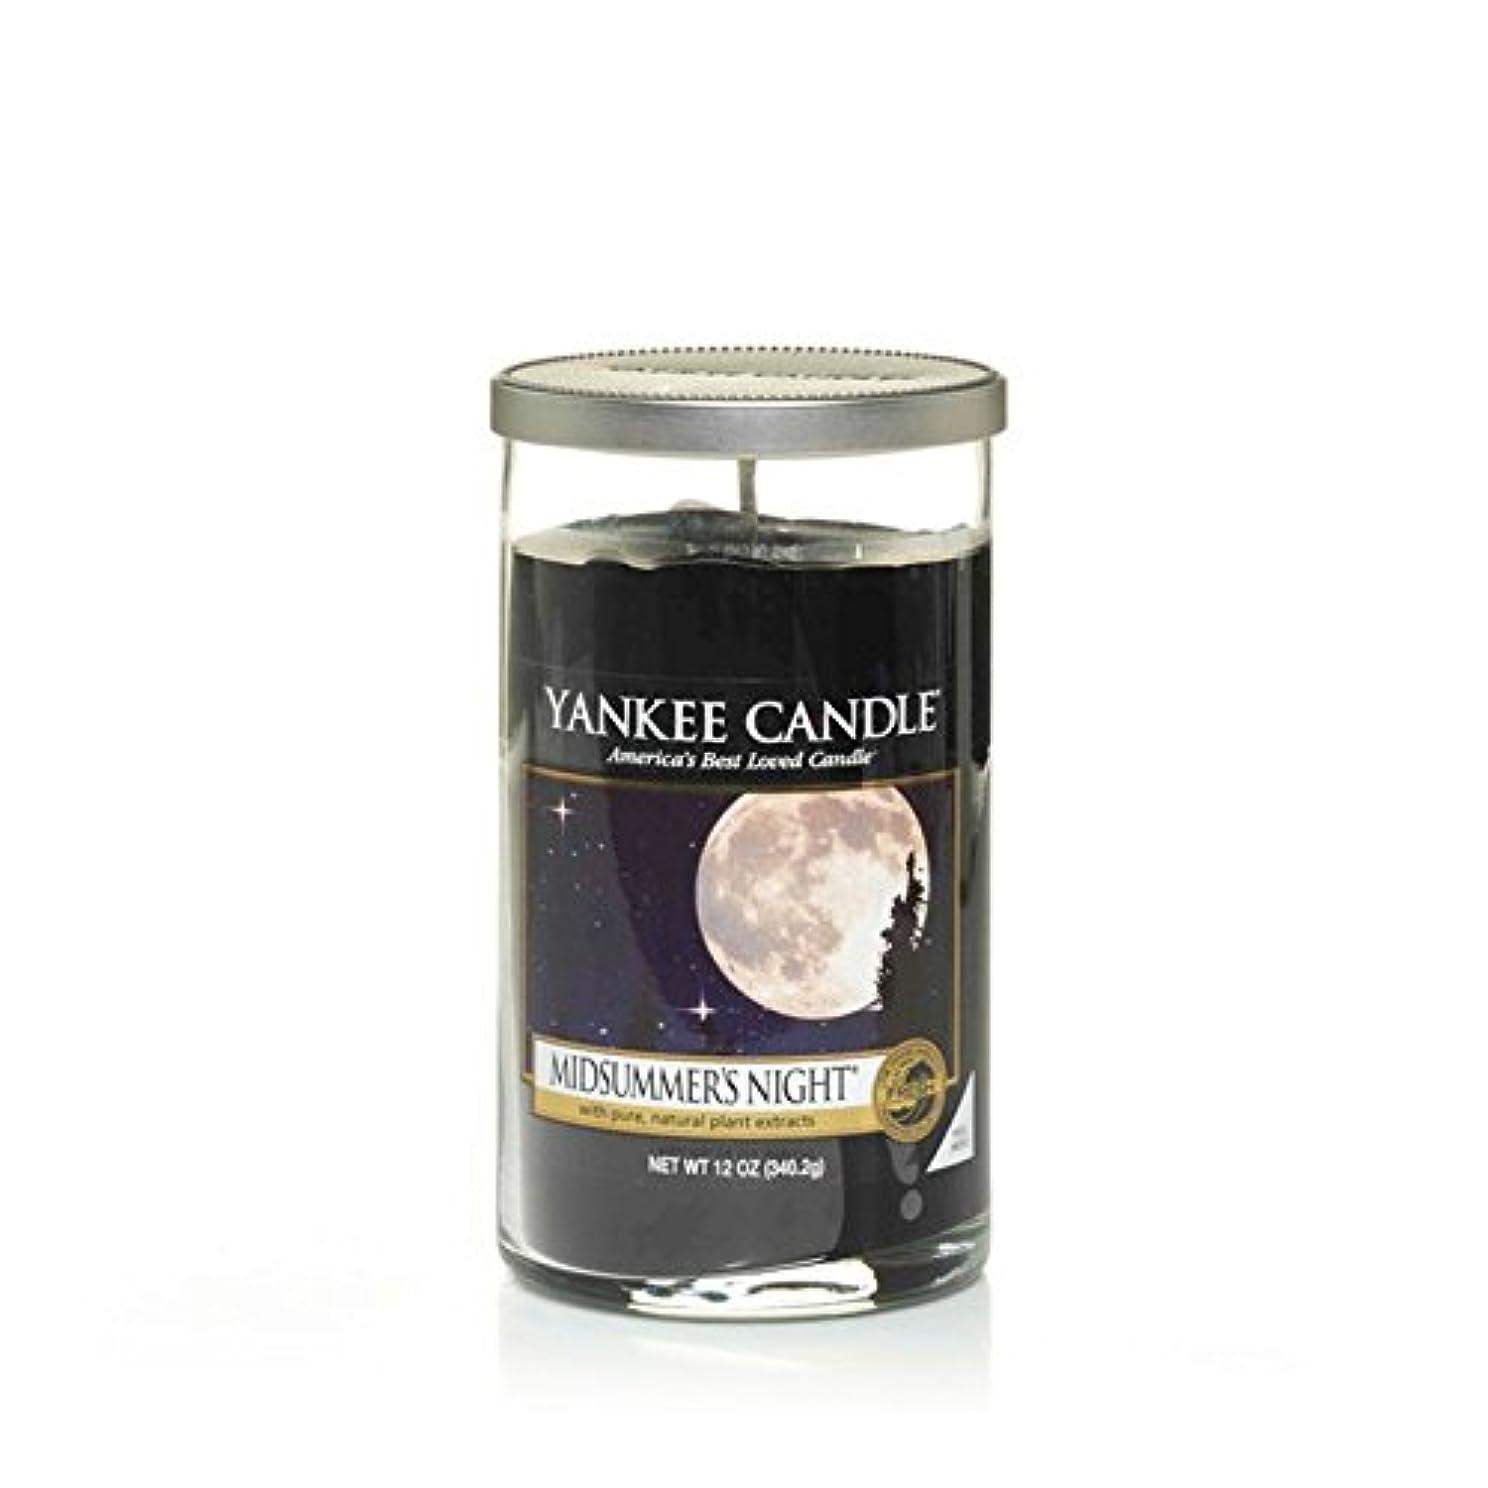 公使館地元コンサルタントヤンキーキャンドルメディアピラーキャンドル - Midsummersの夜 - Yankee Candles Medium Pillar Candle - Midsummers Night (Yankee Candles) [並行輸入品]